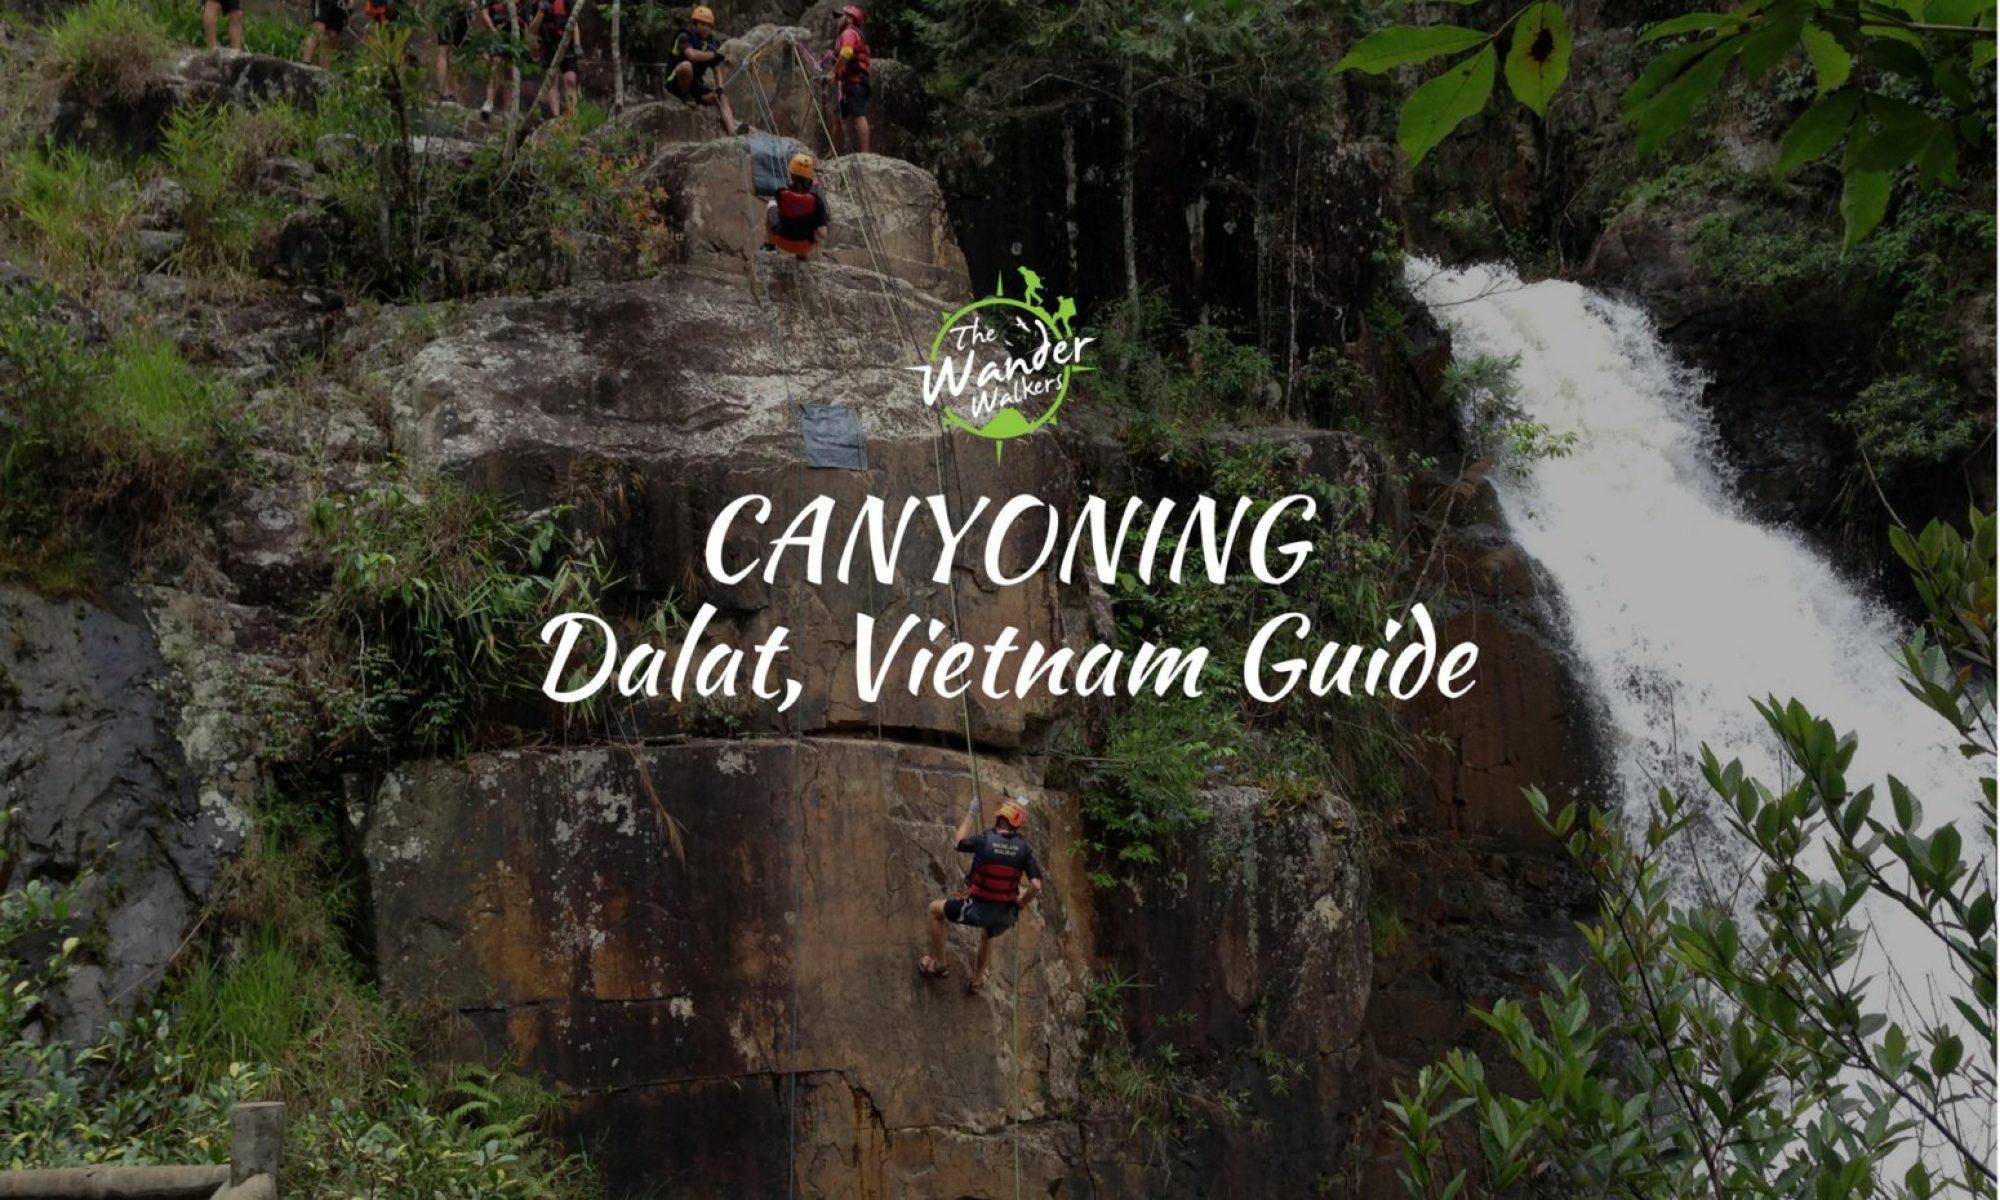 dalat canyoning